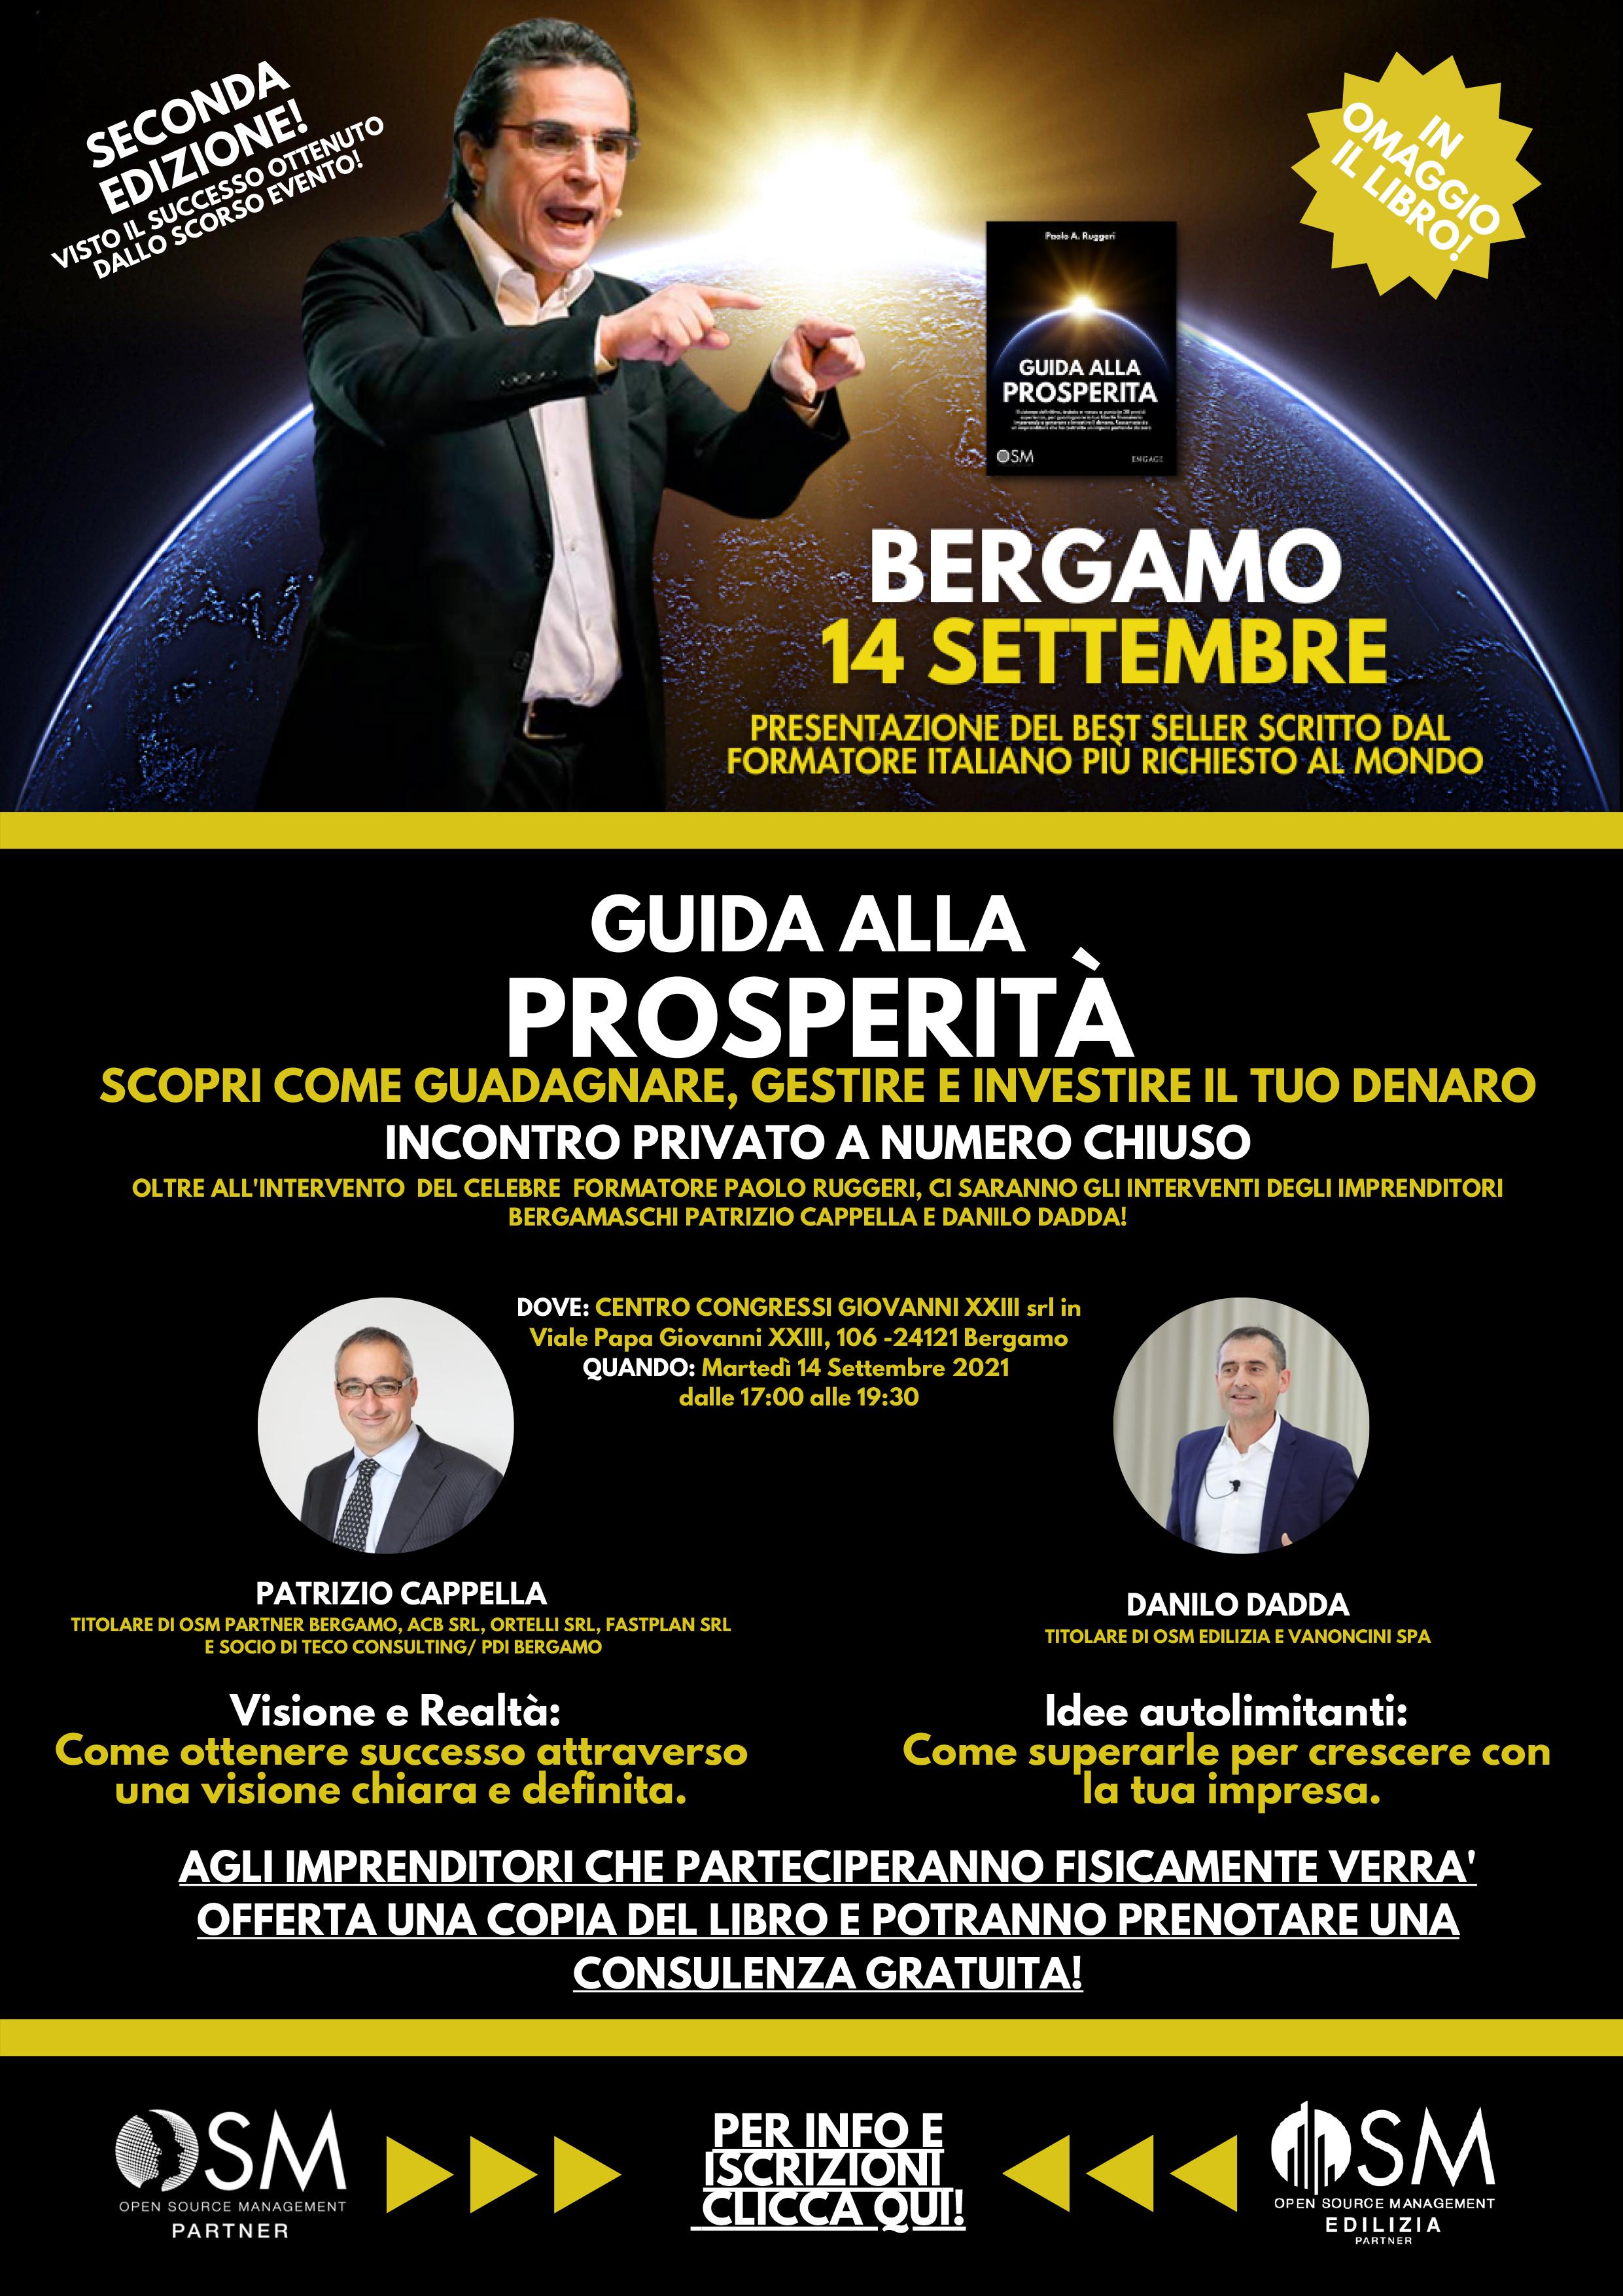 Paolo Ruggeri Guida alla Prosperità